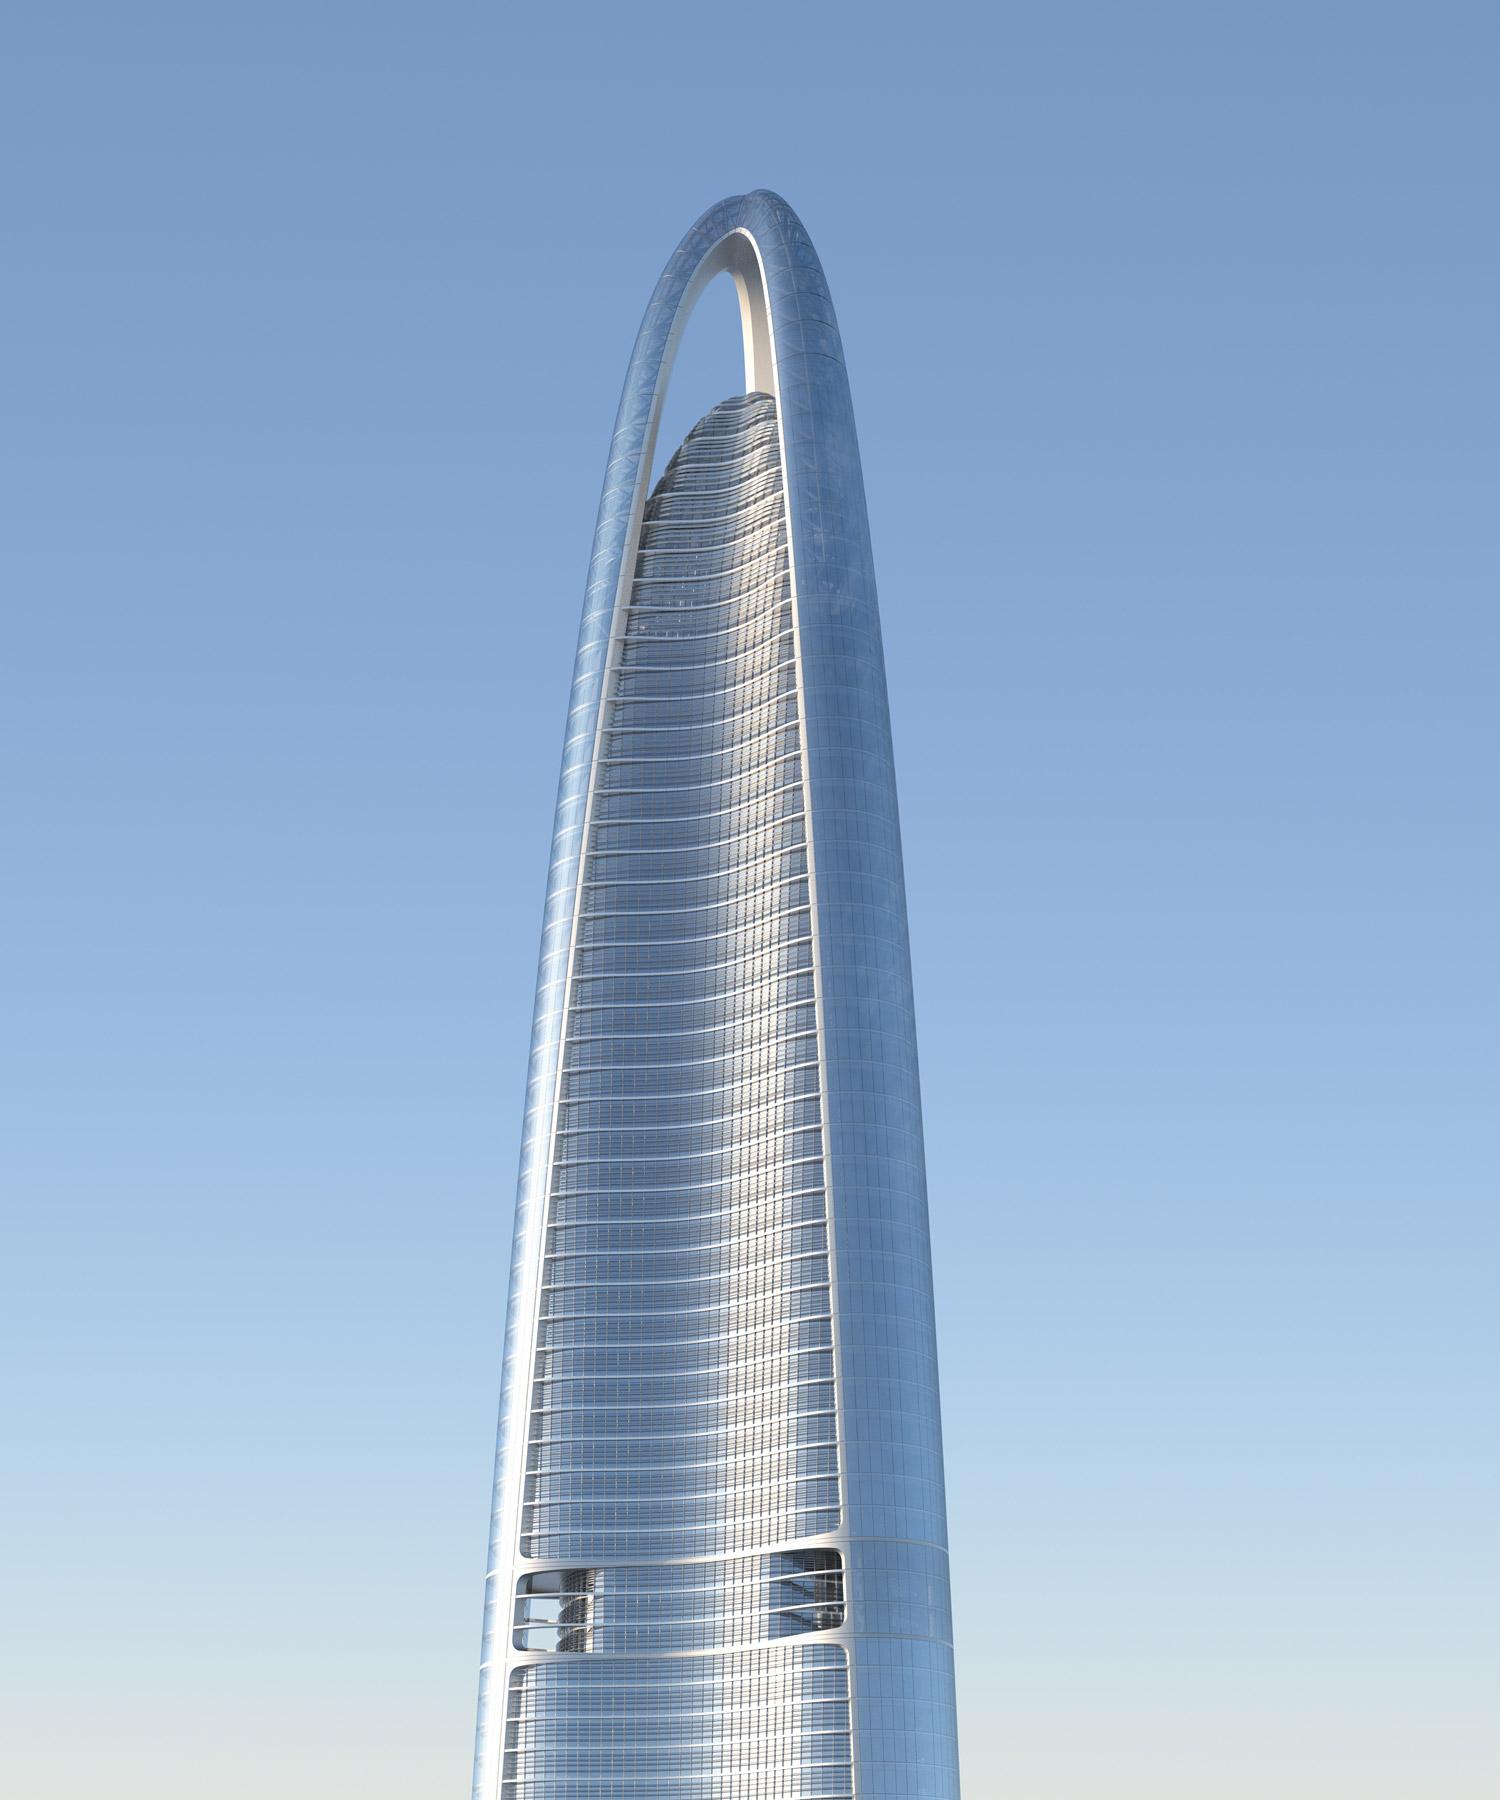 La construction du Wuhan Greenland Center est bien en cours